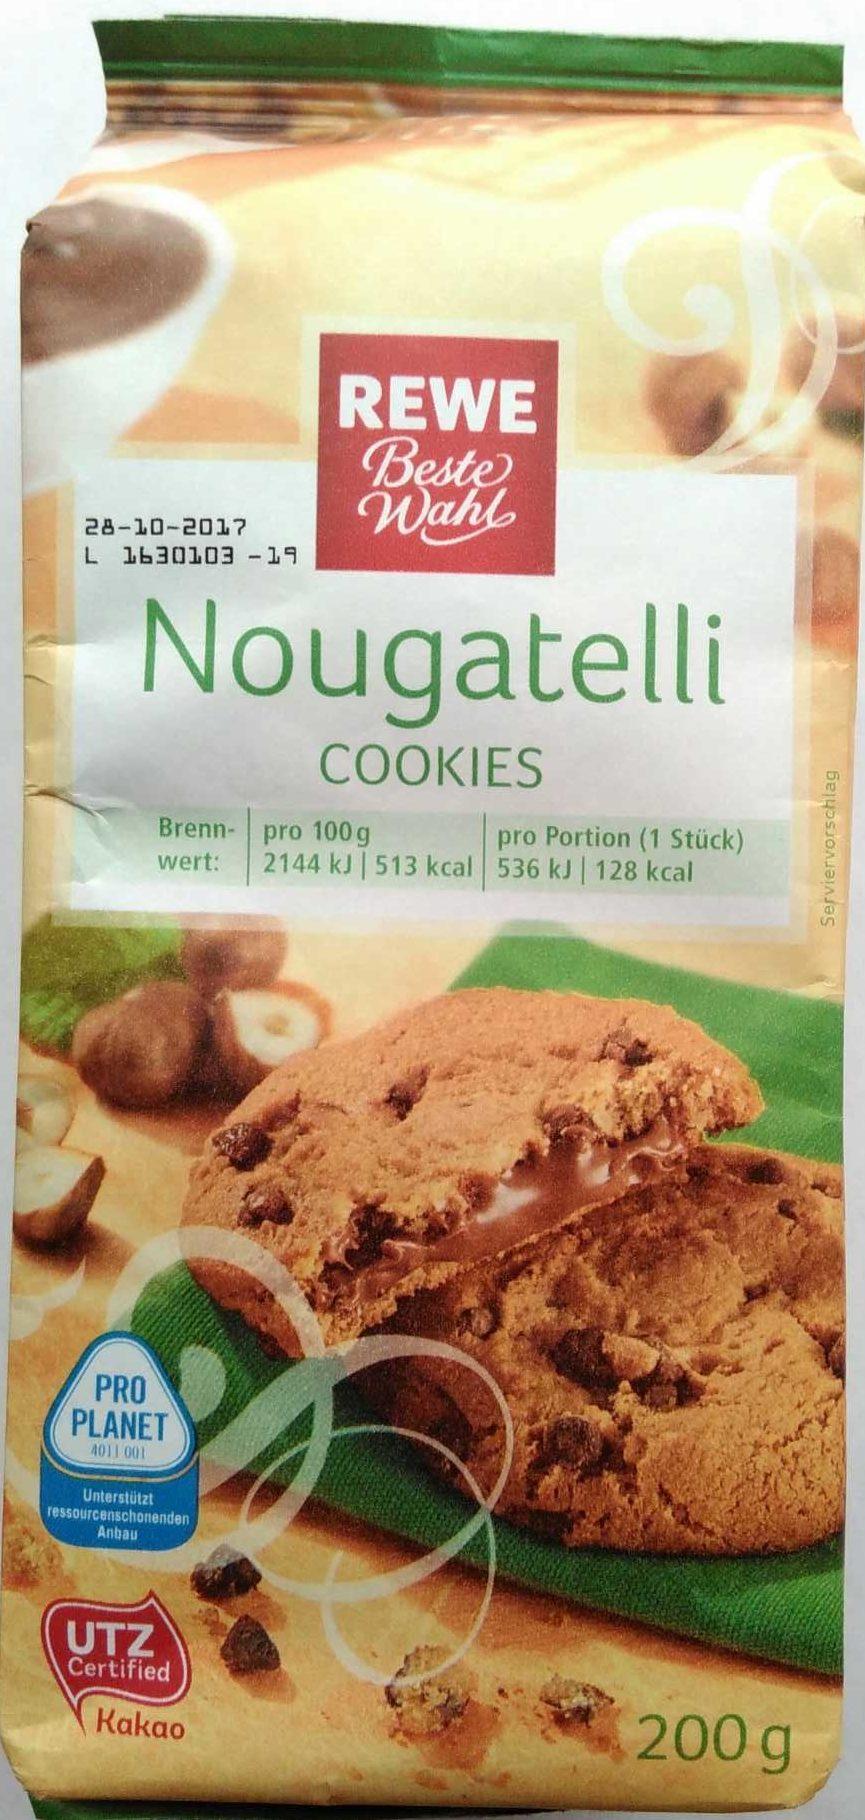 Nougatelli Cookies Rewe Beste Wahl 200 G